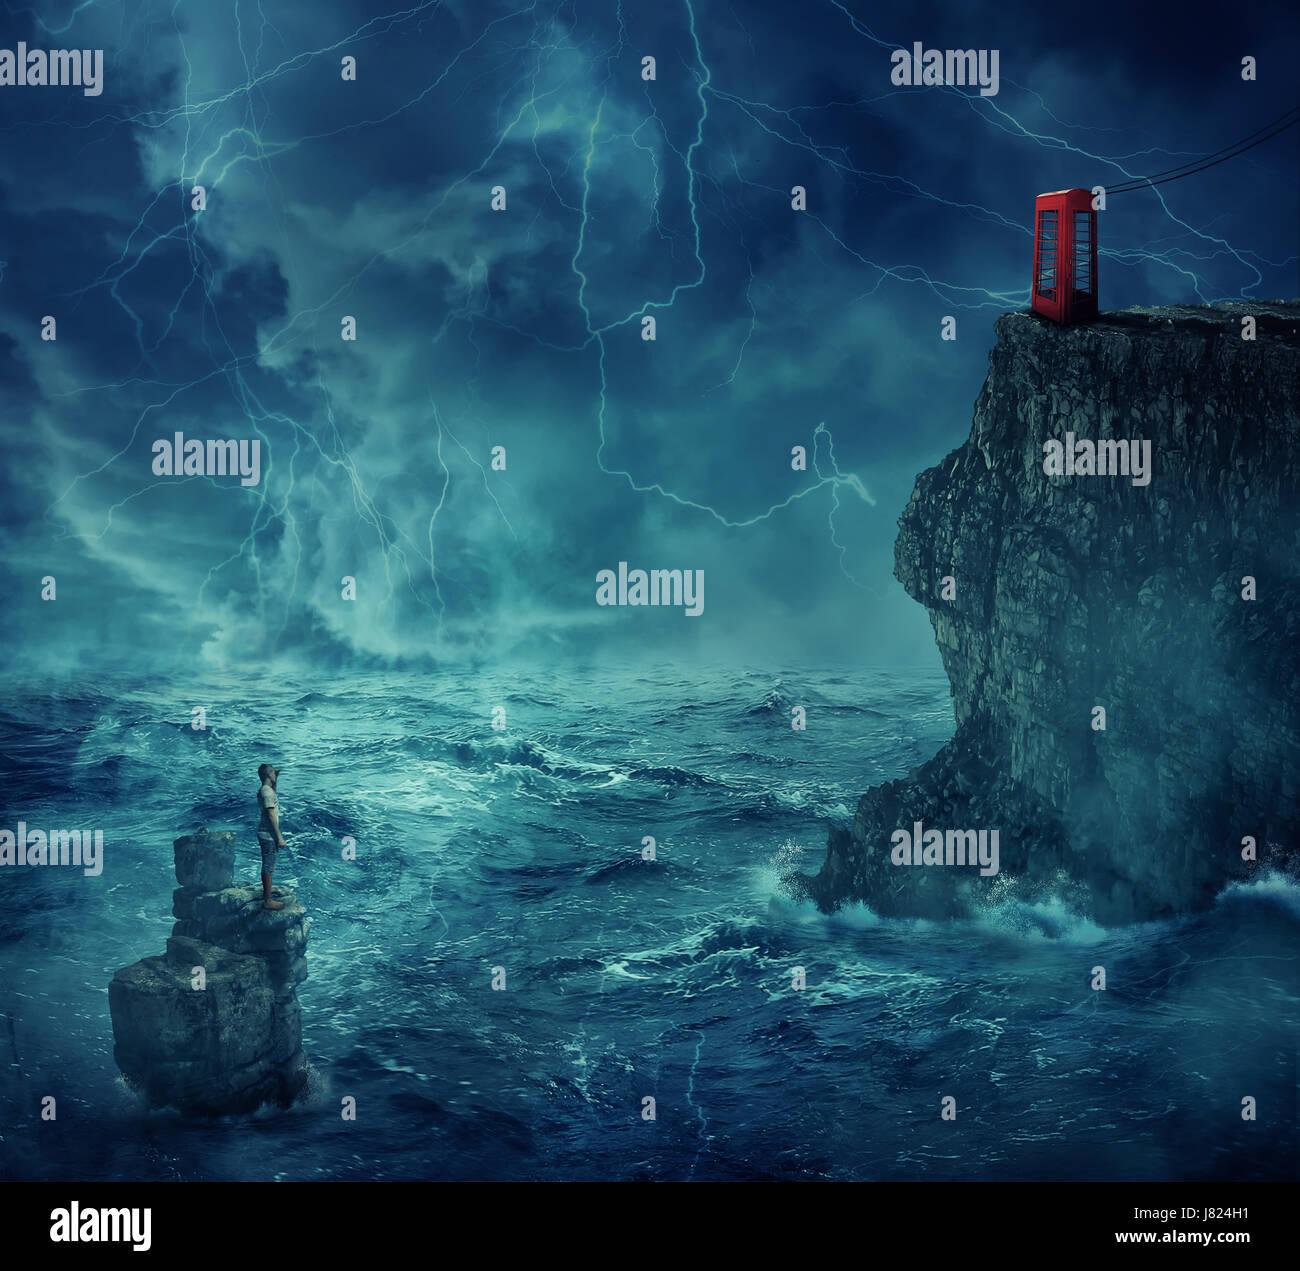 Homme perdu abandonné dans l'océan sur une île de roche, dans une nuit de tempête avec des Photo Stock